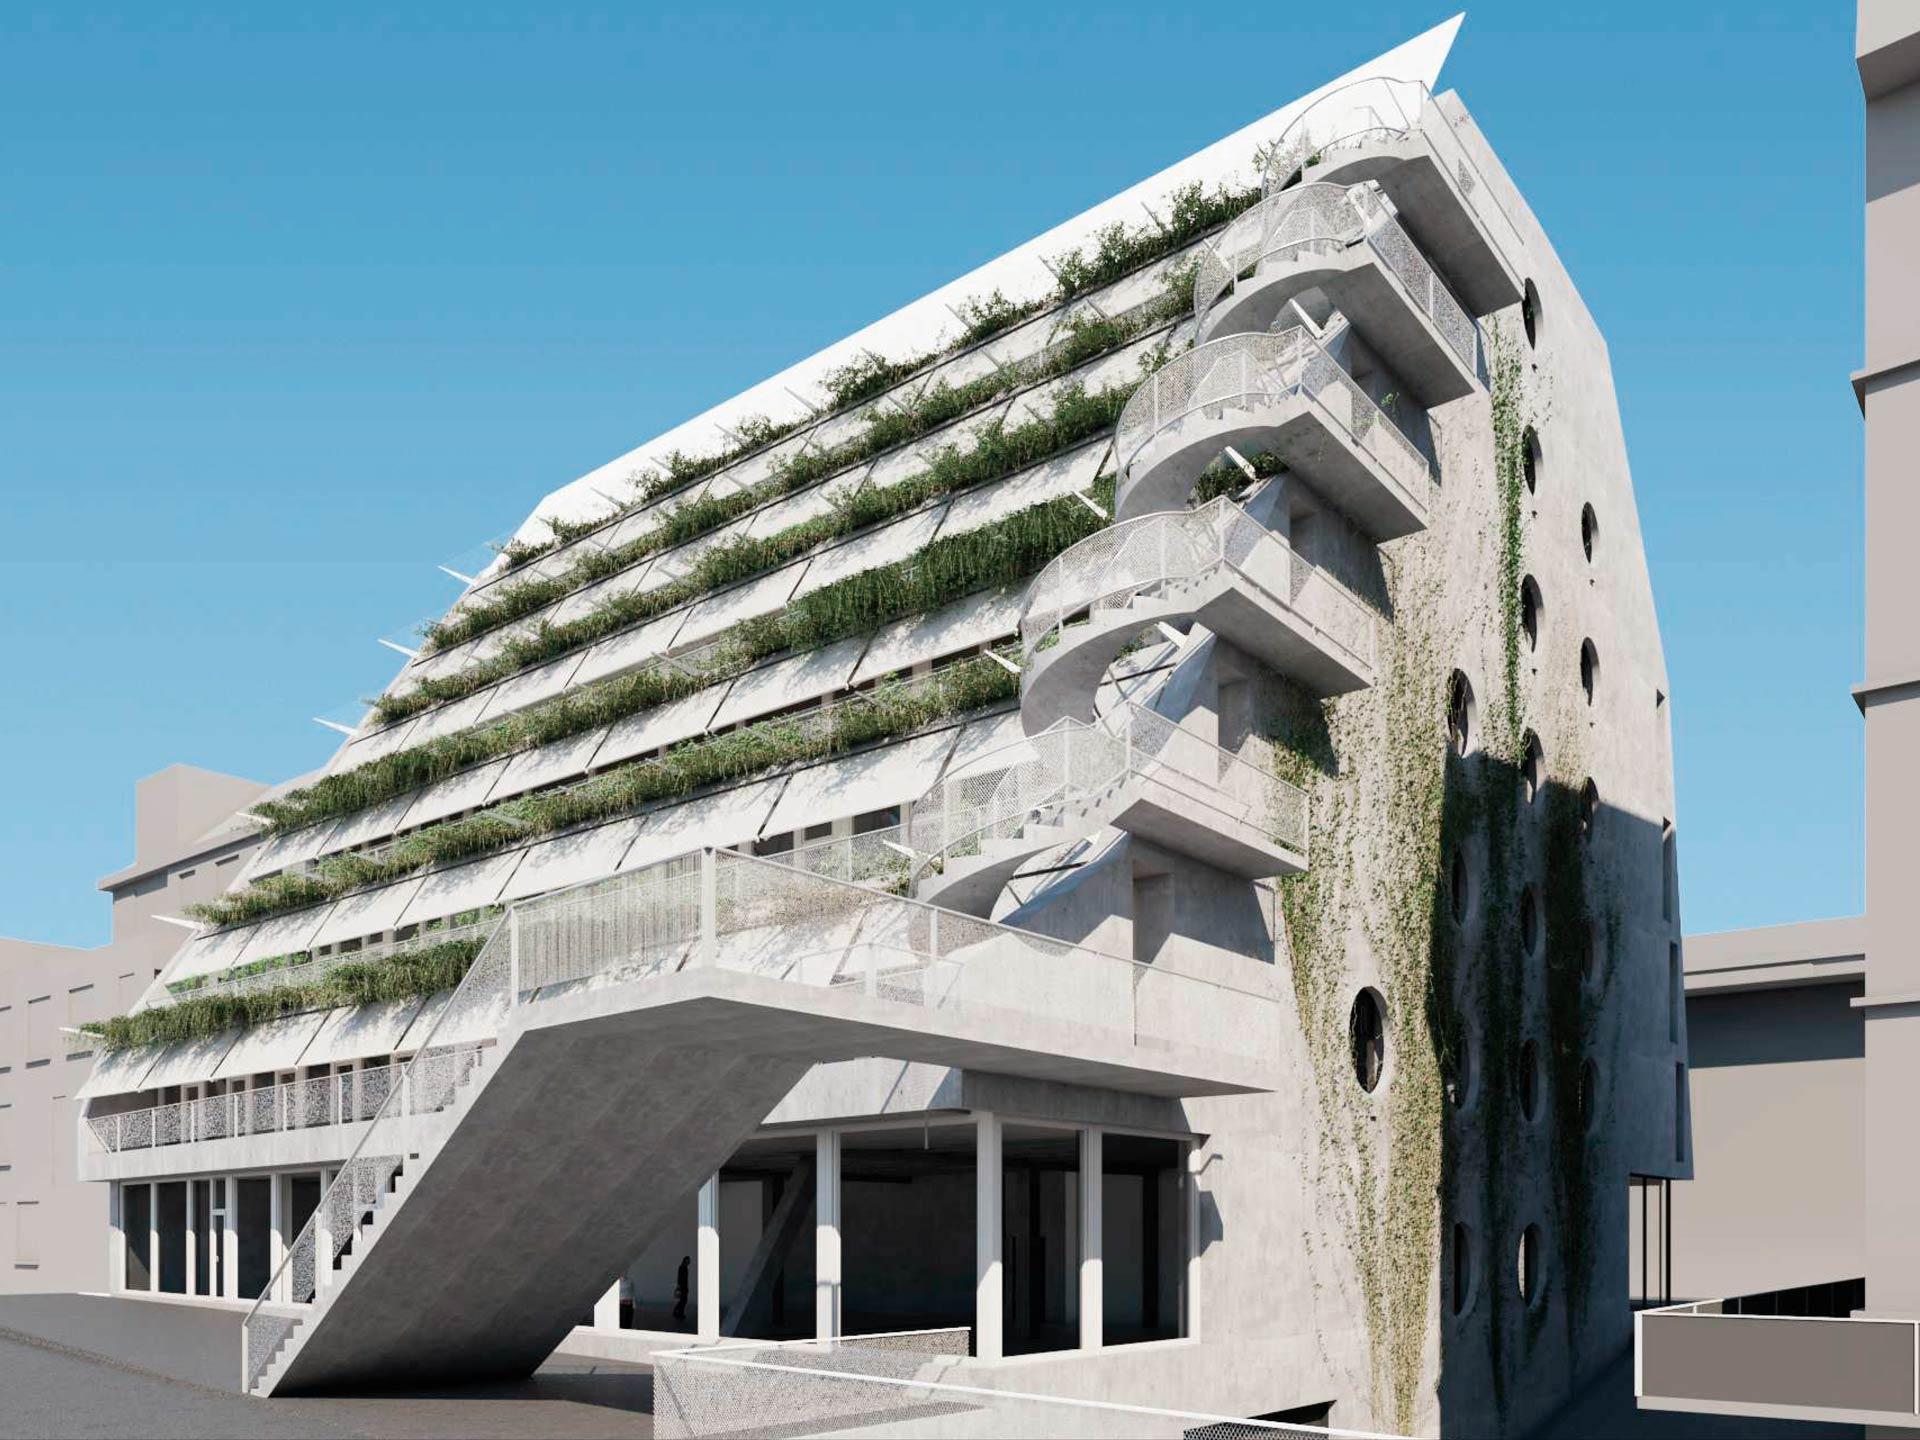 Commercial Building Binzstrasse 29